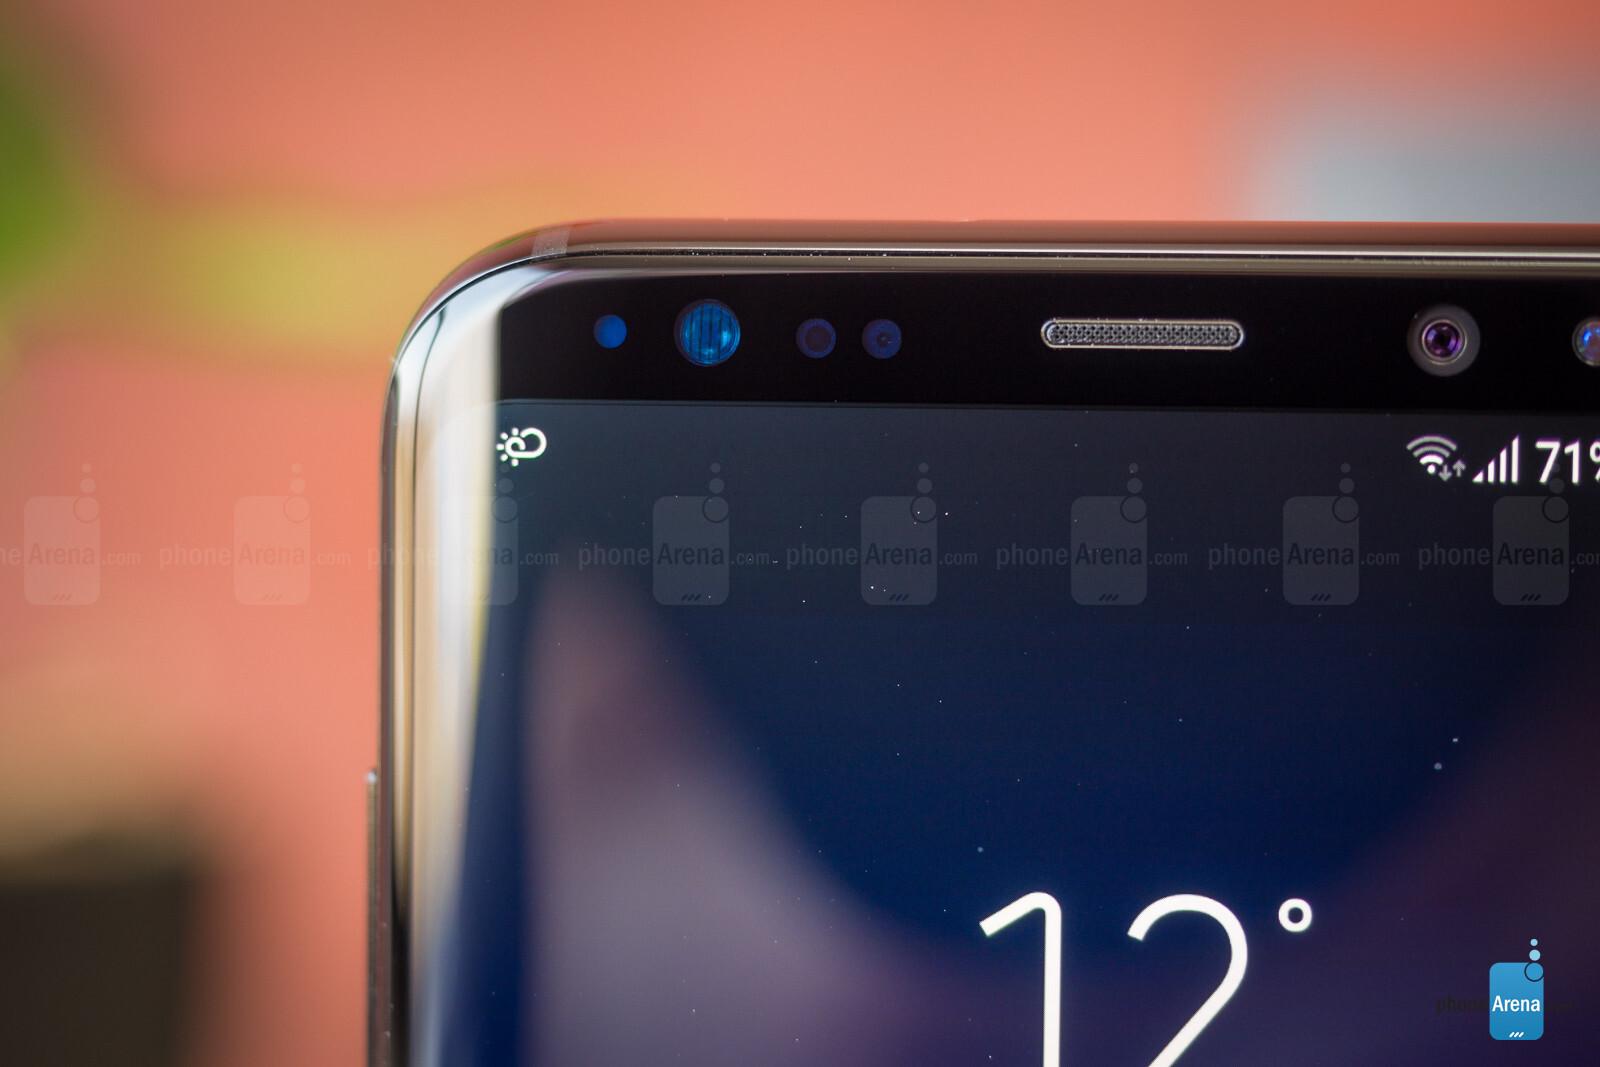 Galaxy S8 Edge Lighting updated: it's now cooler - PhoneArena